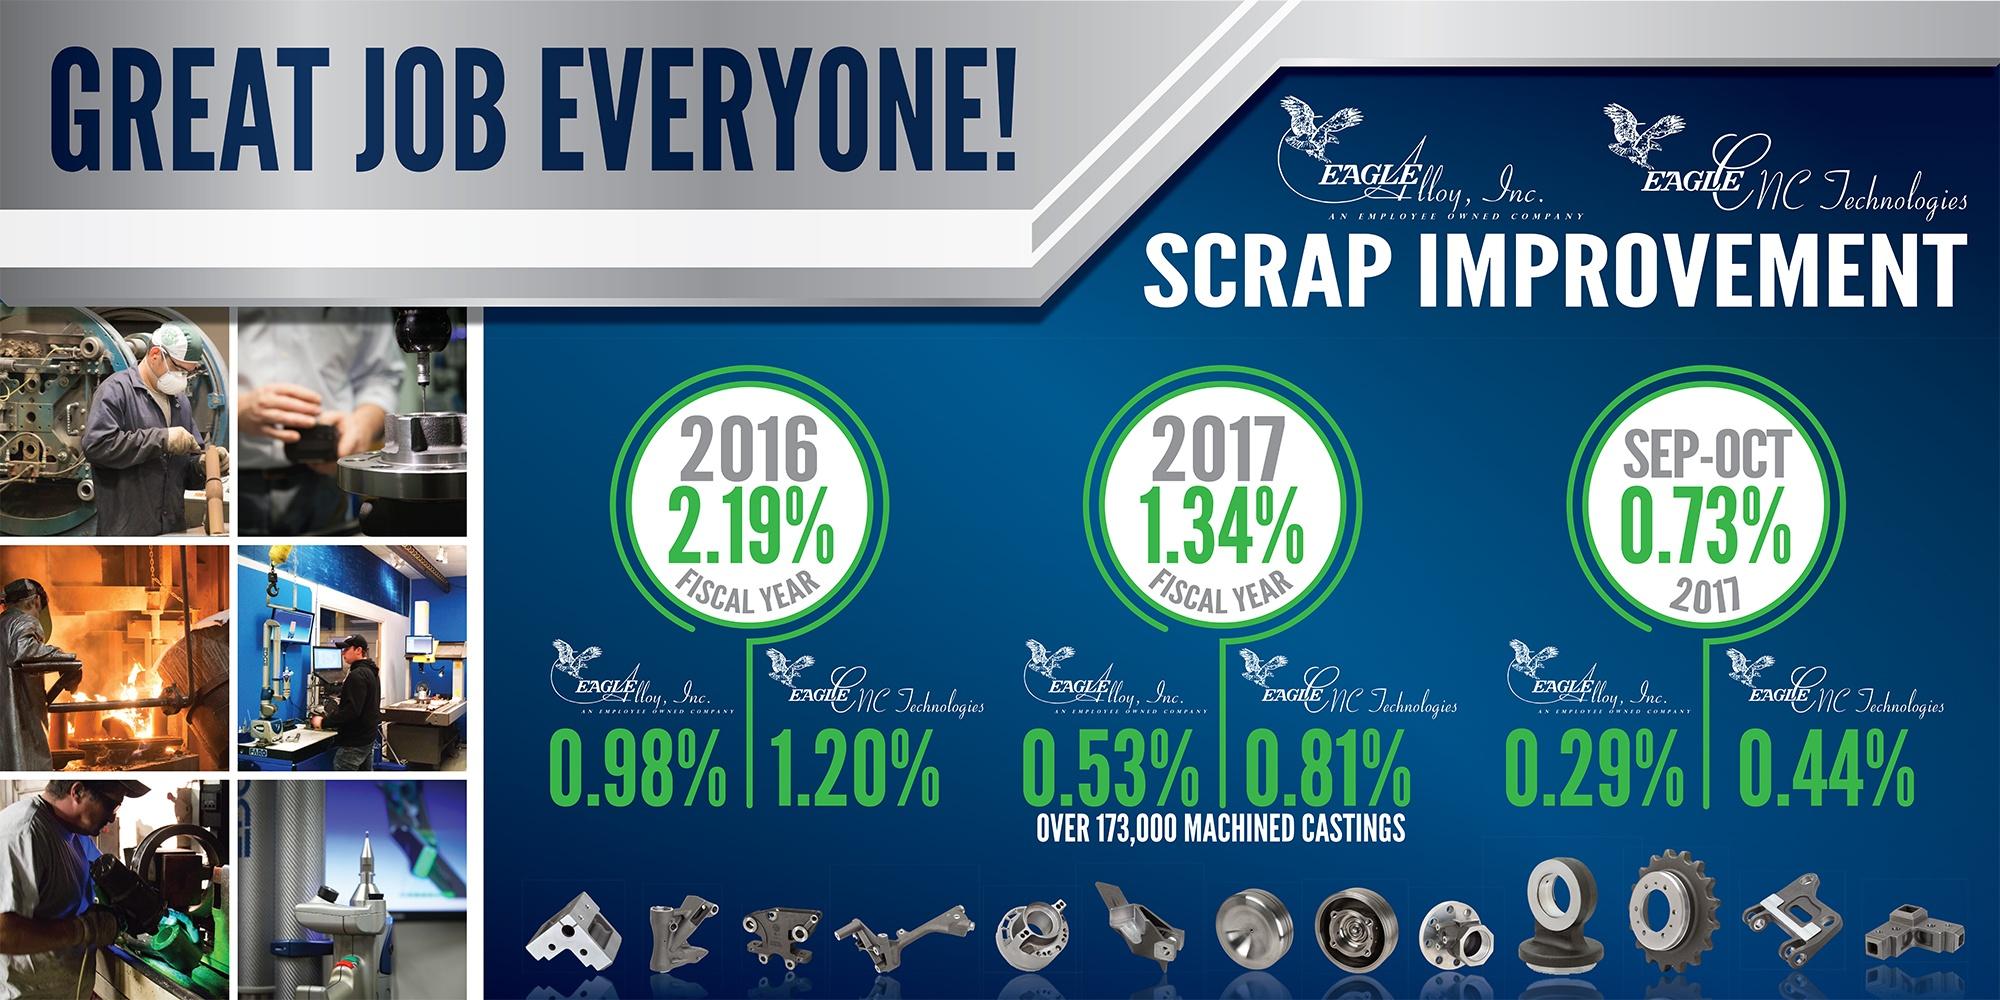 EA - ECT Scrap Improvement-web